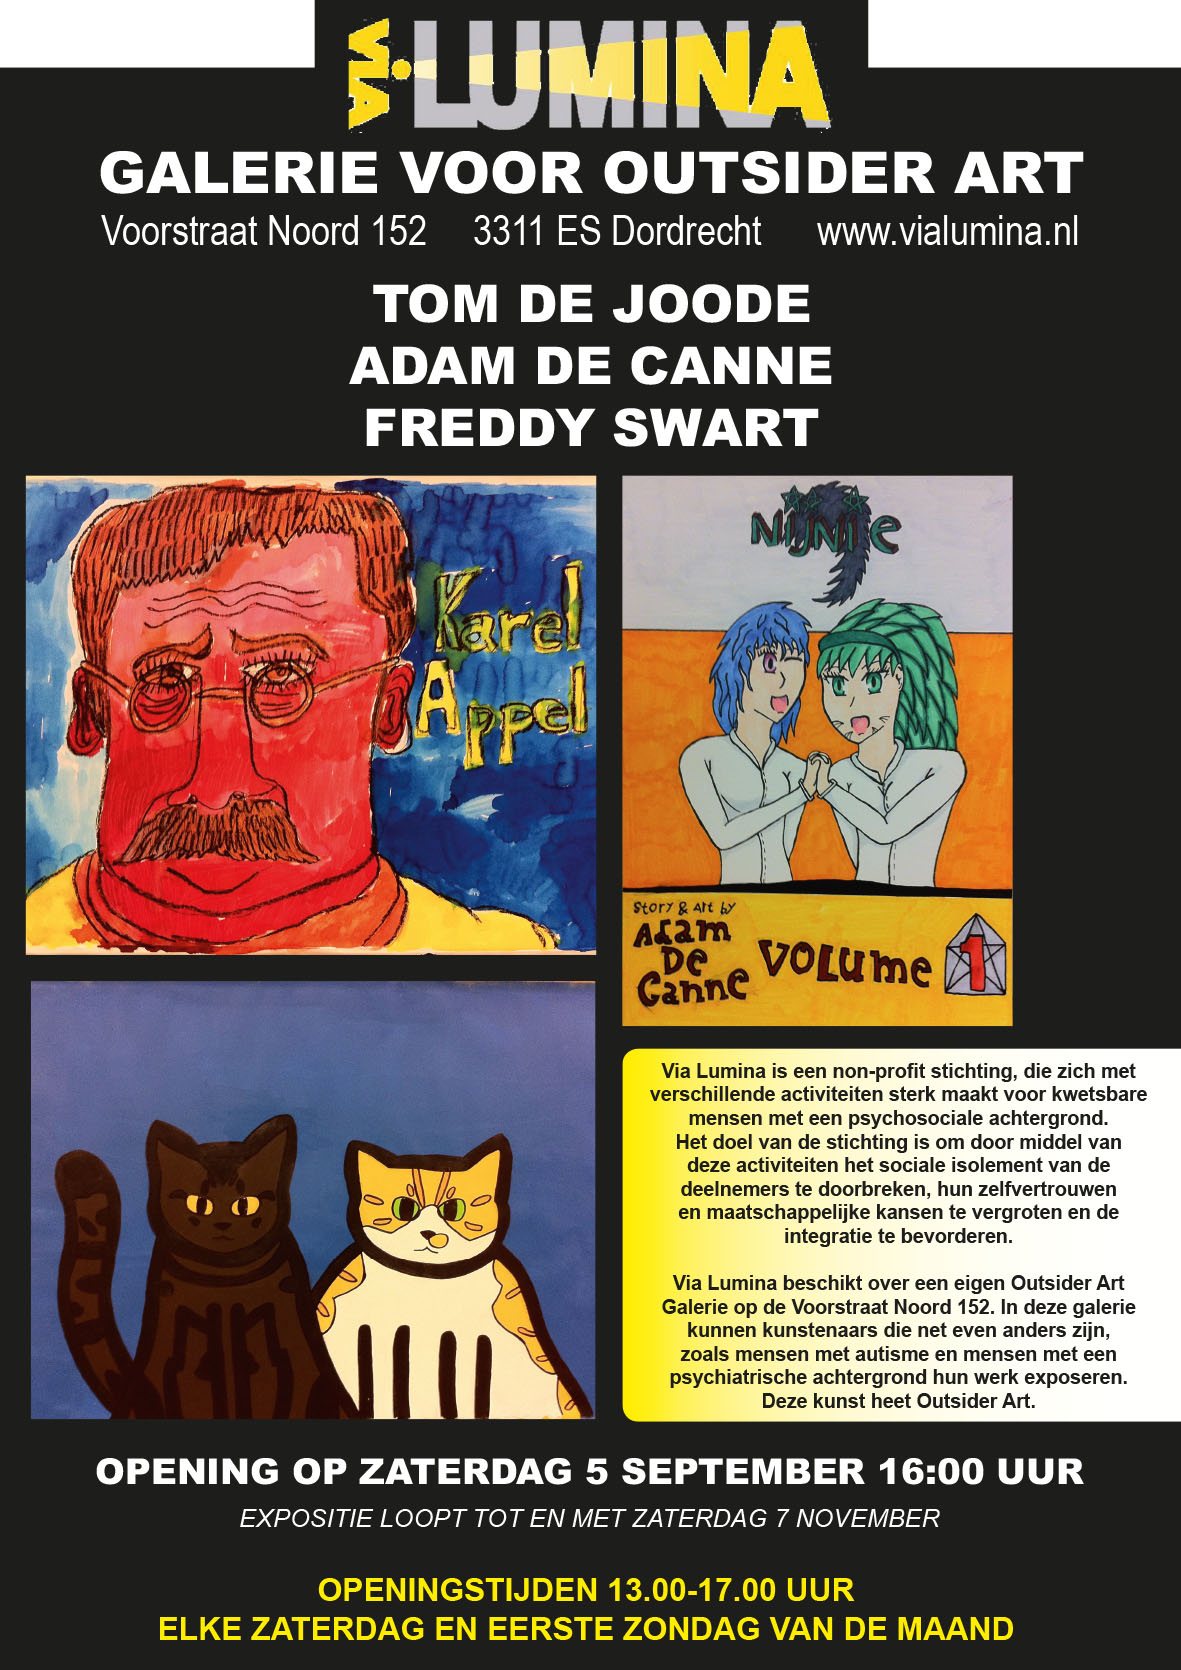 Tom de Joode